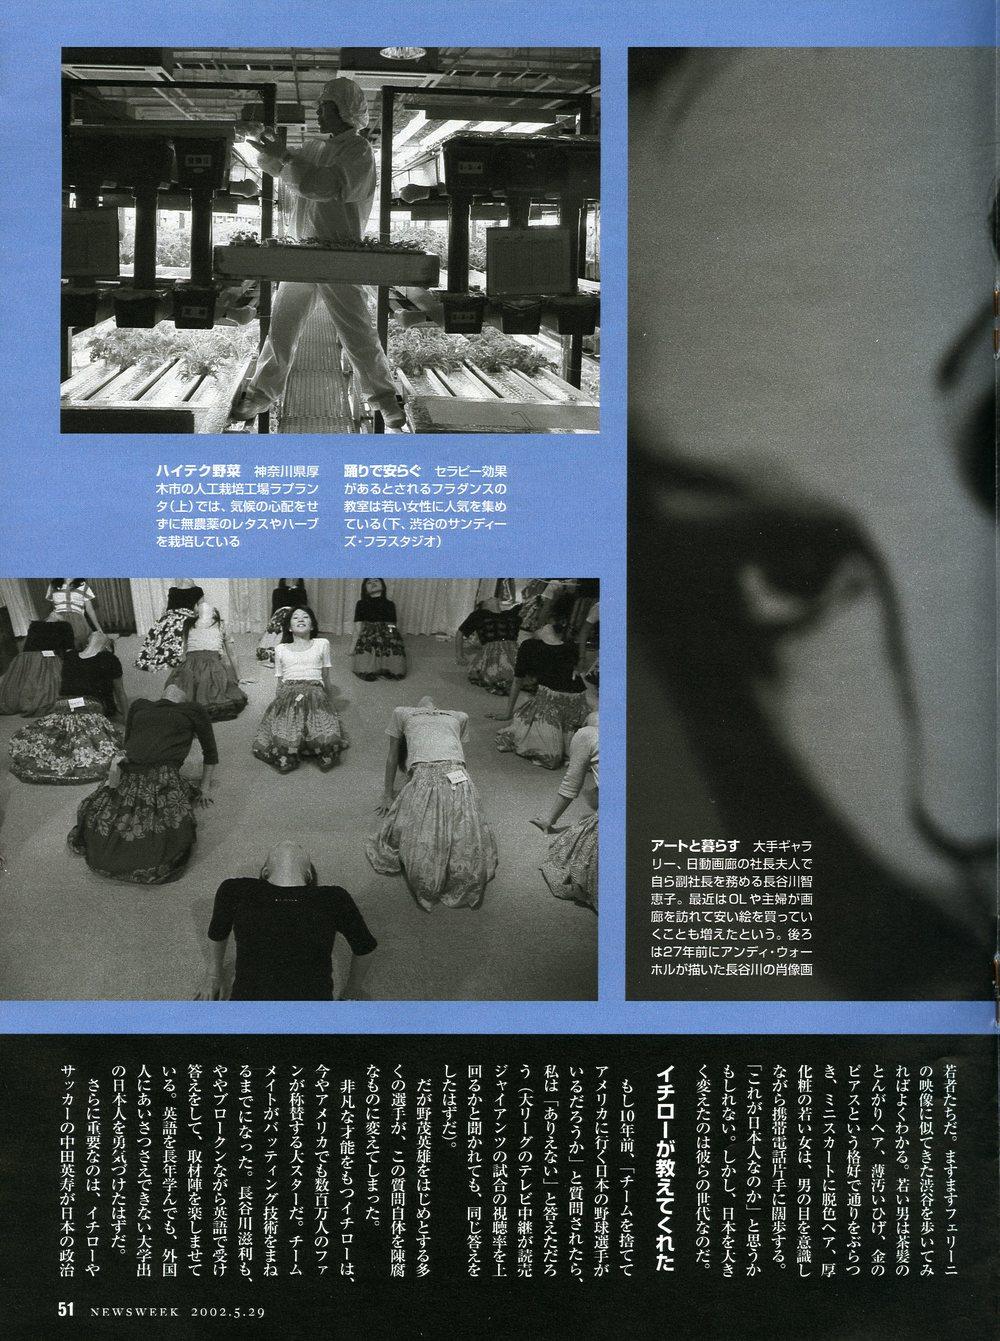 05292002_NEWSWEEK_JAPAN_14.jpg